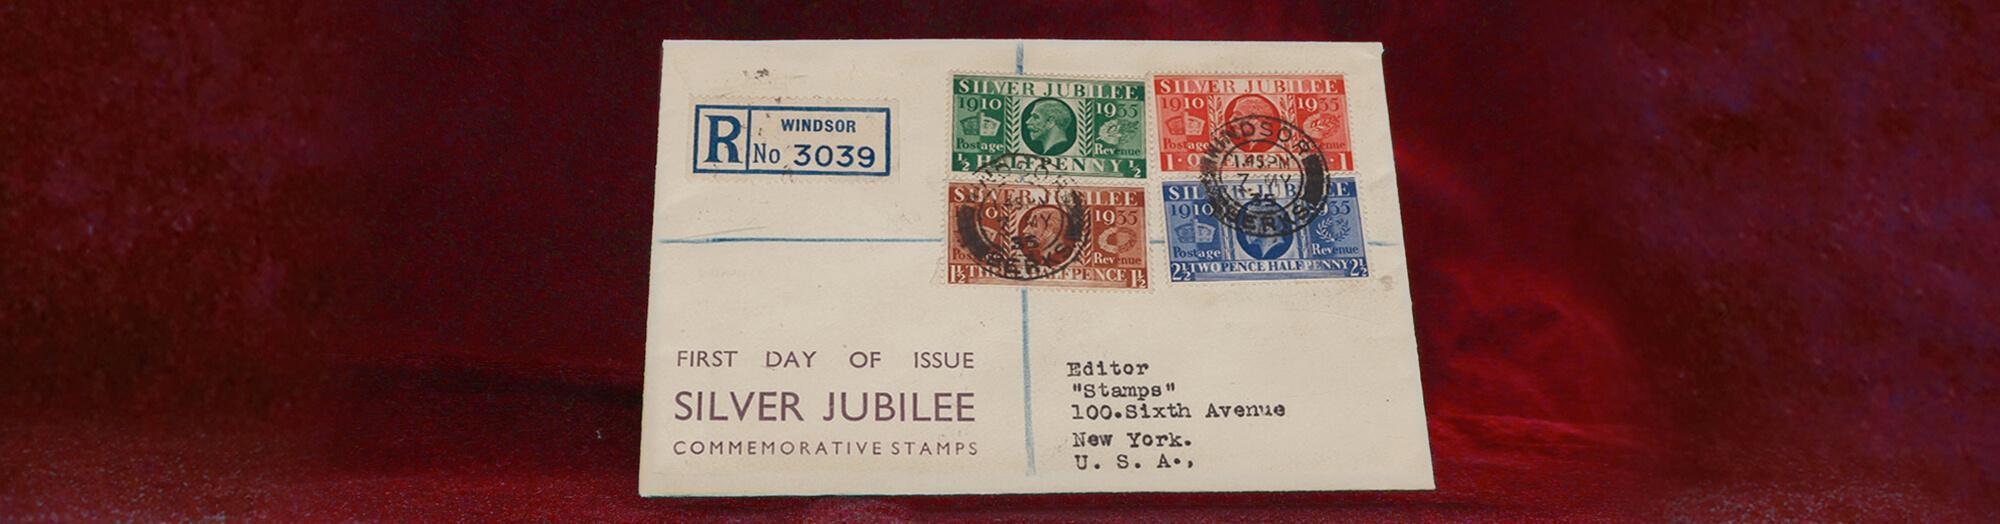 Benham Stamps